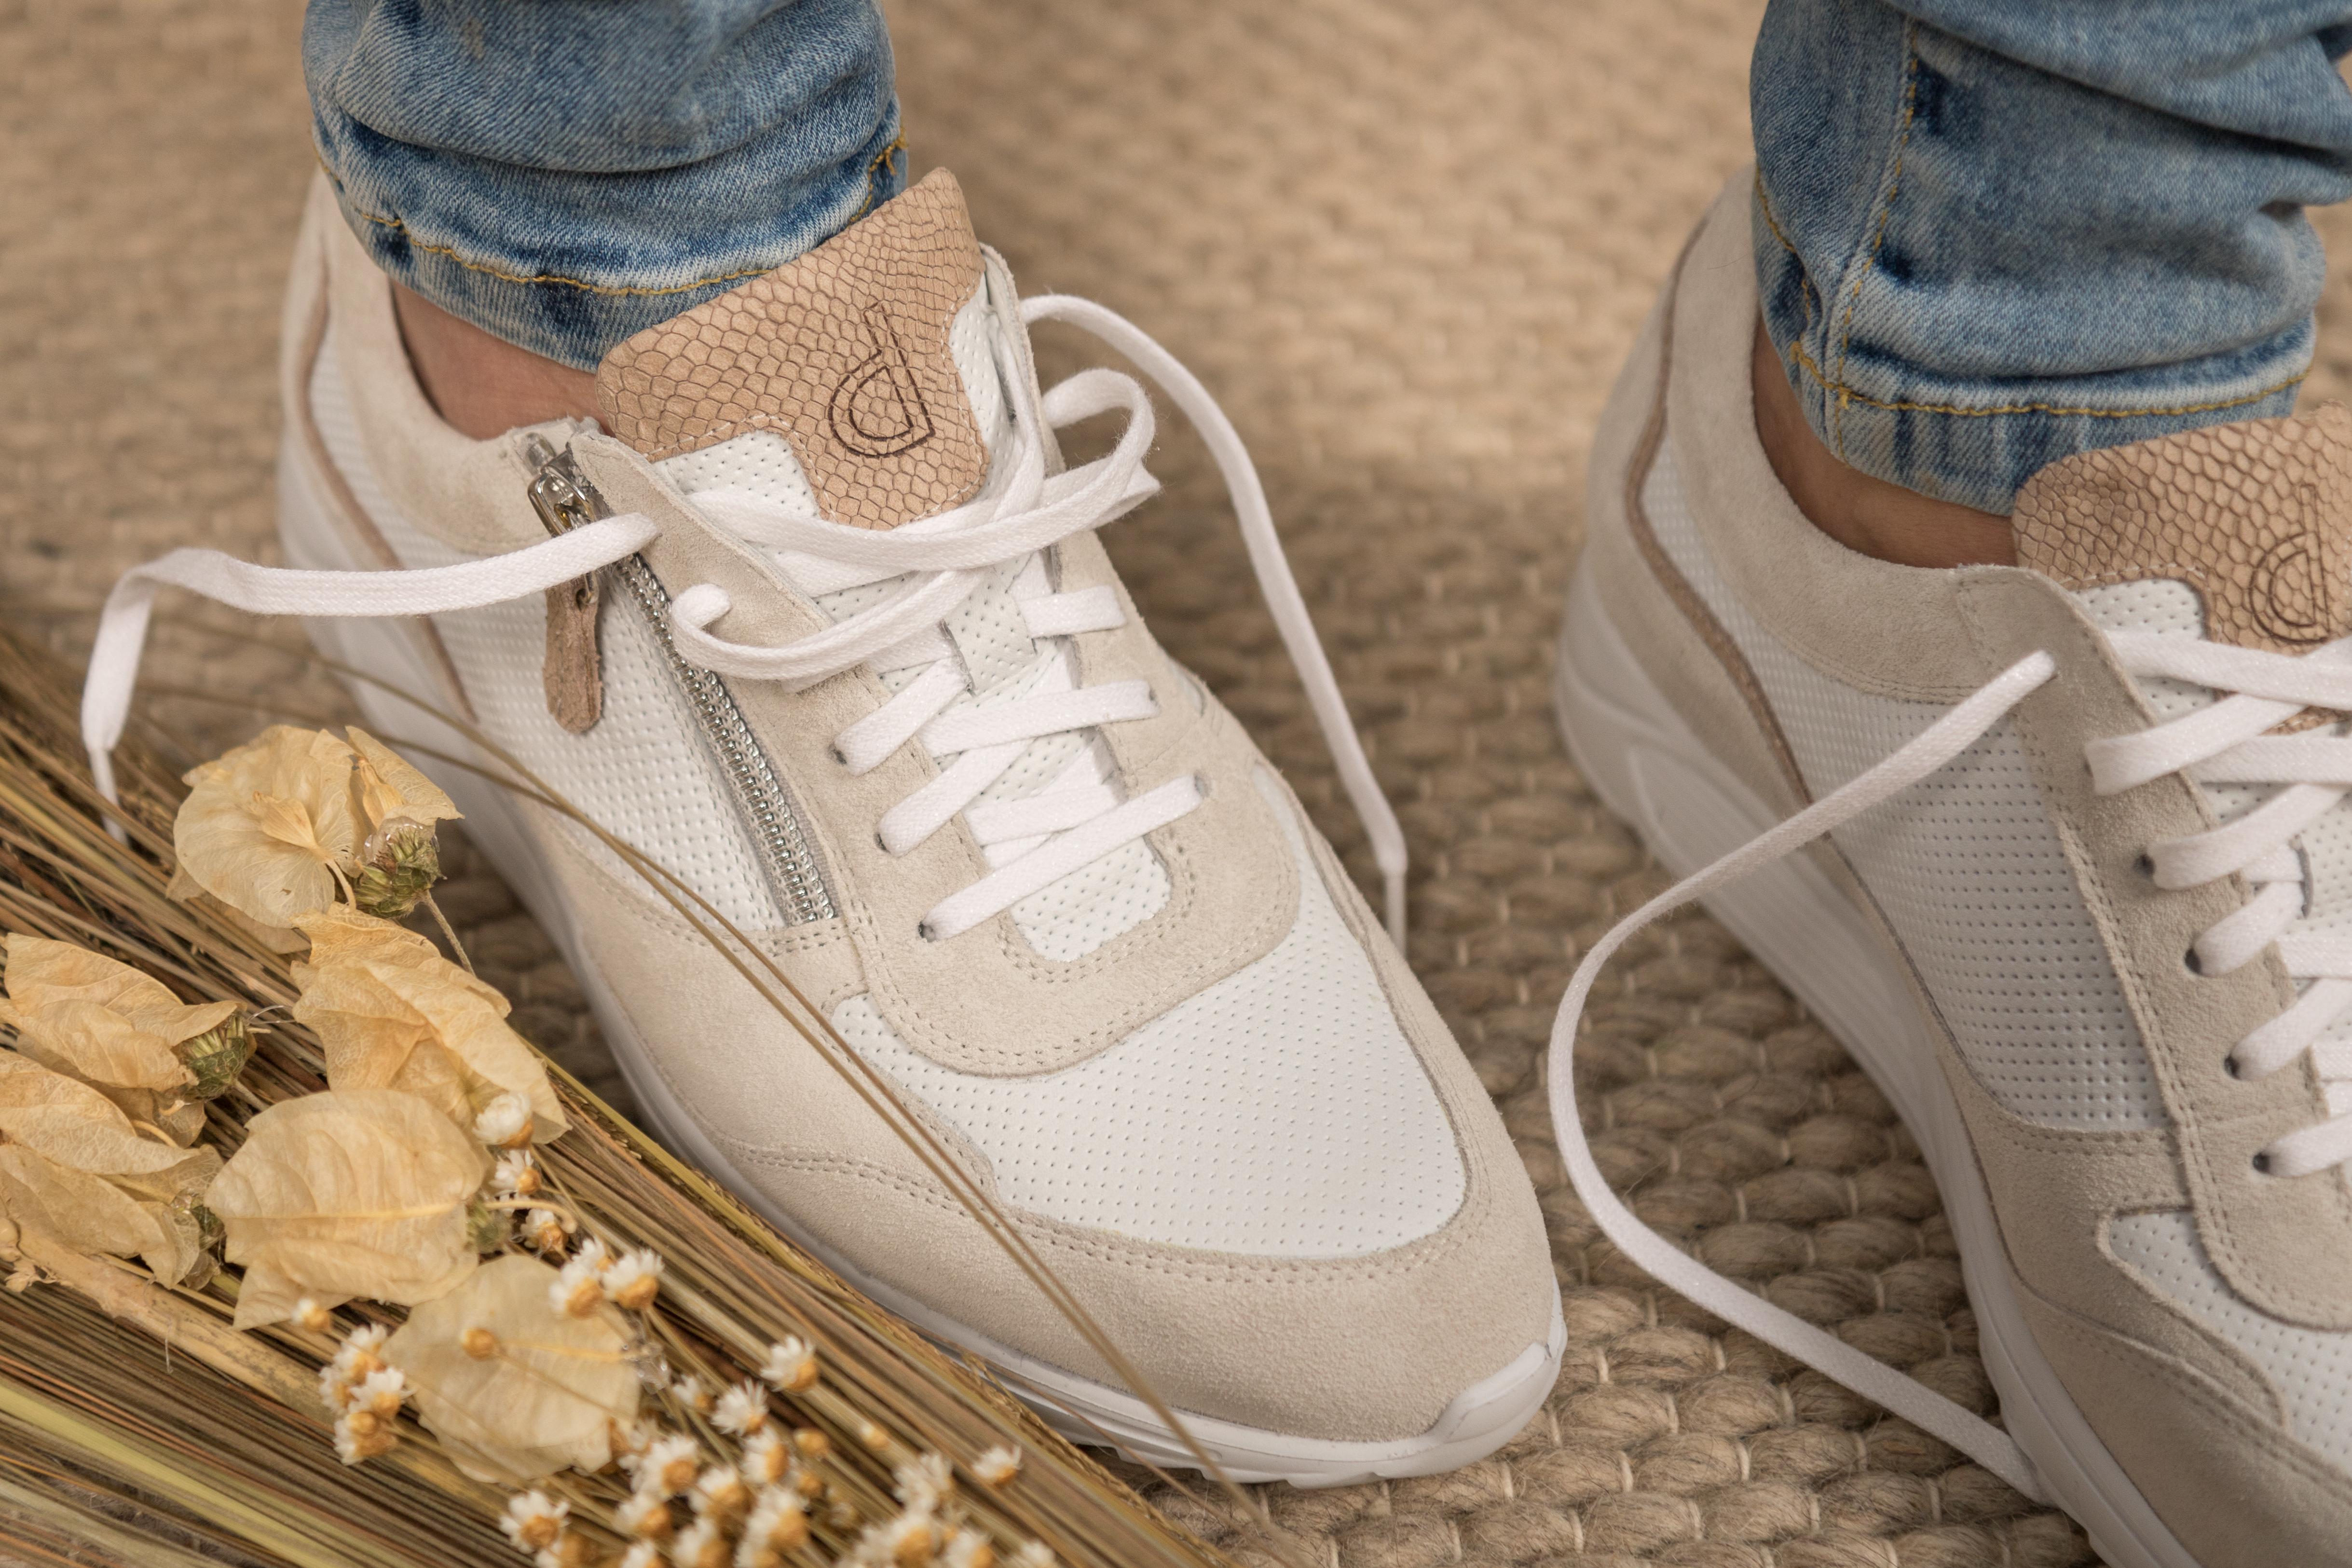 hippe-schoenen-met-breedtematen-3